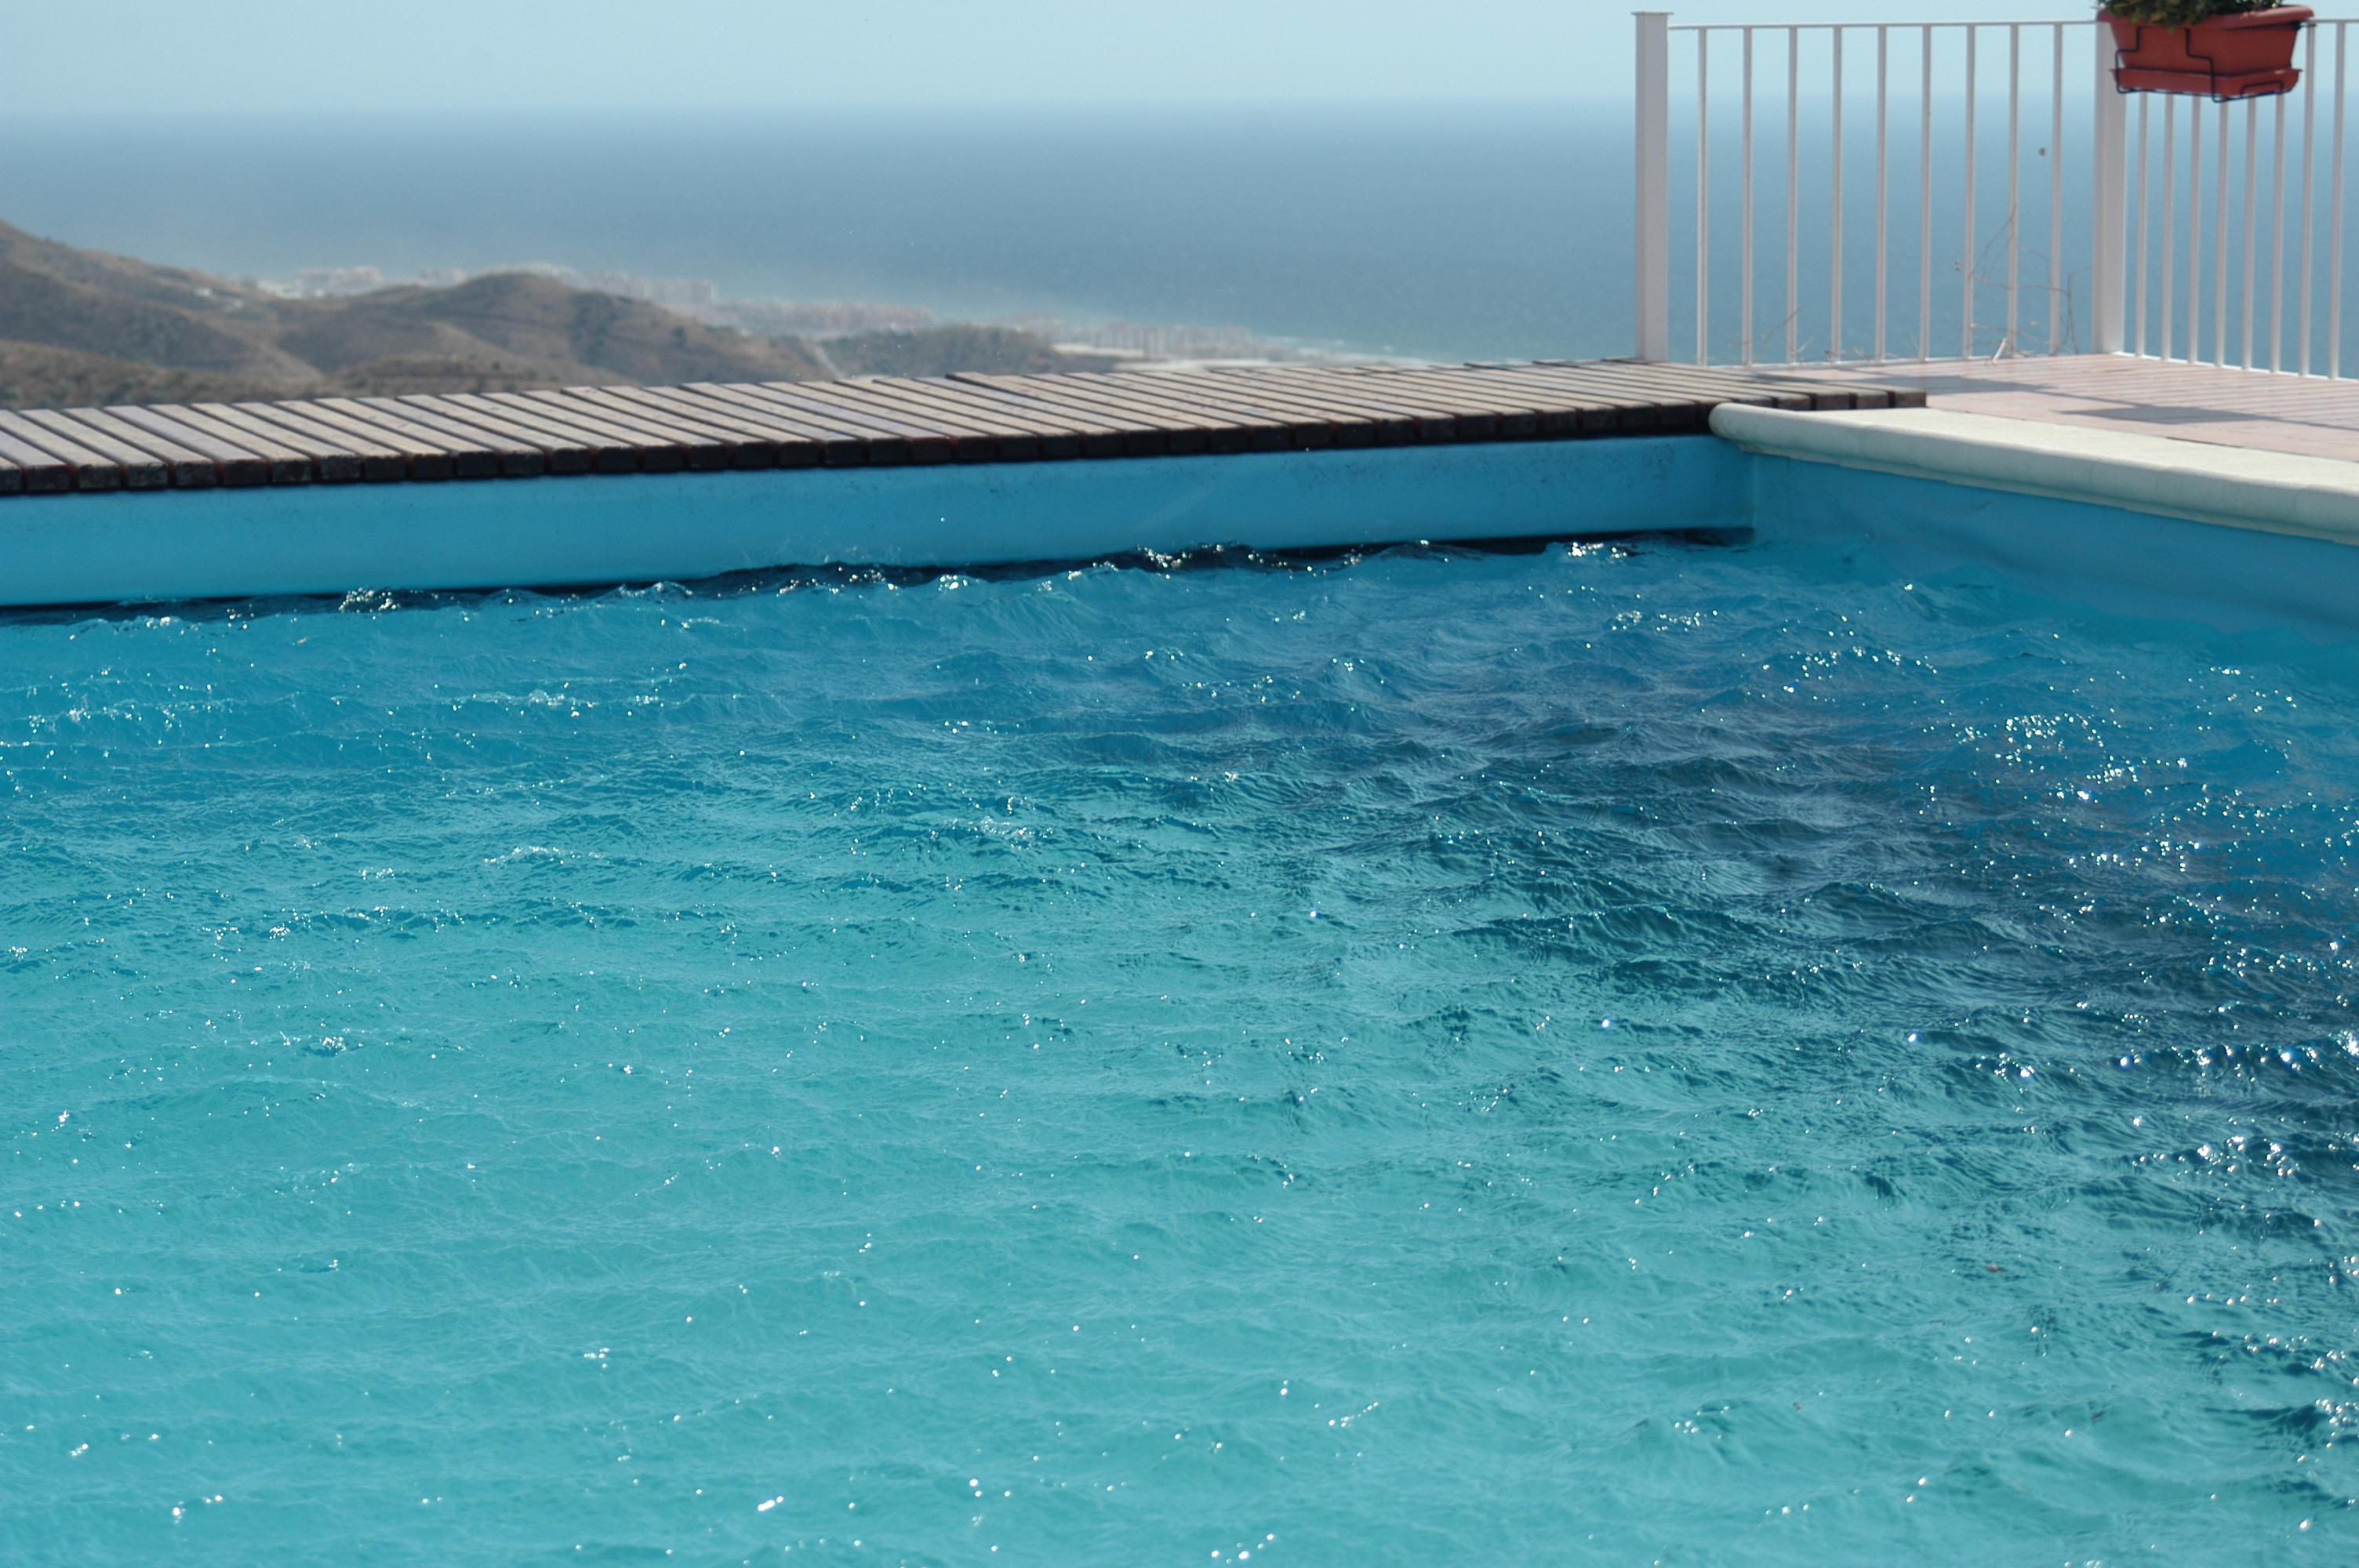 5 Öffnung für die Abdeckung über dem Wasser